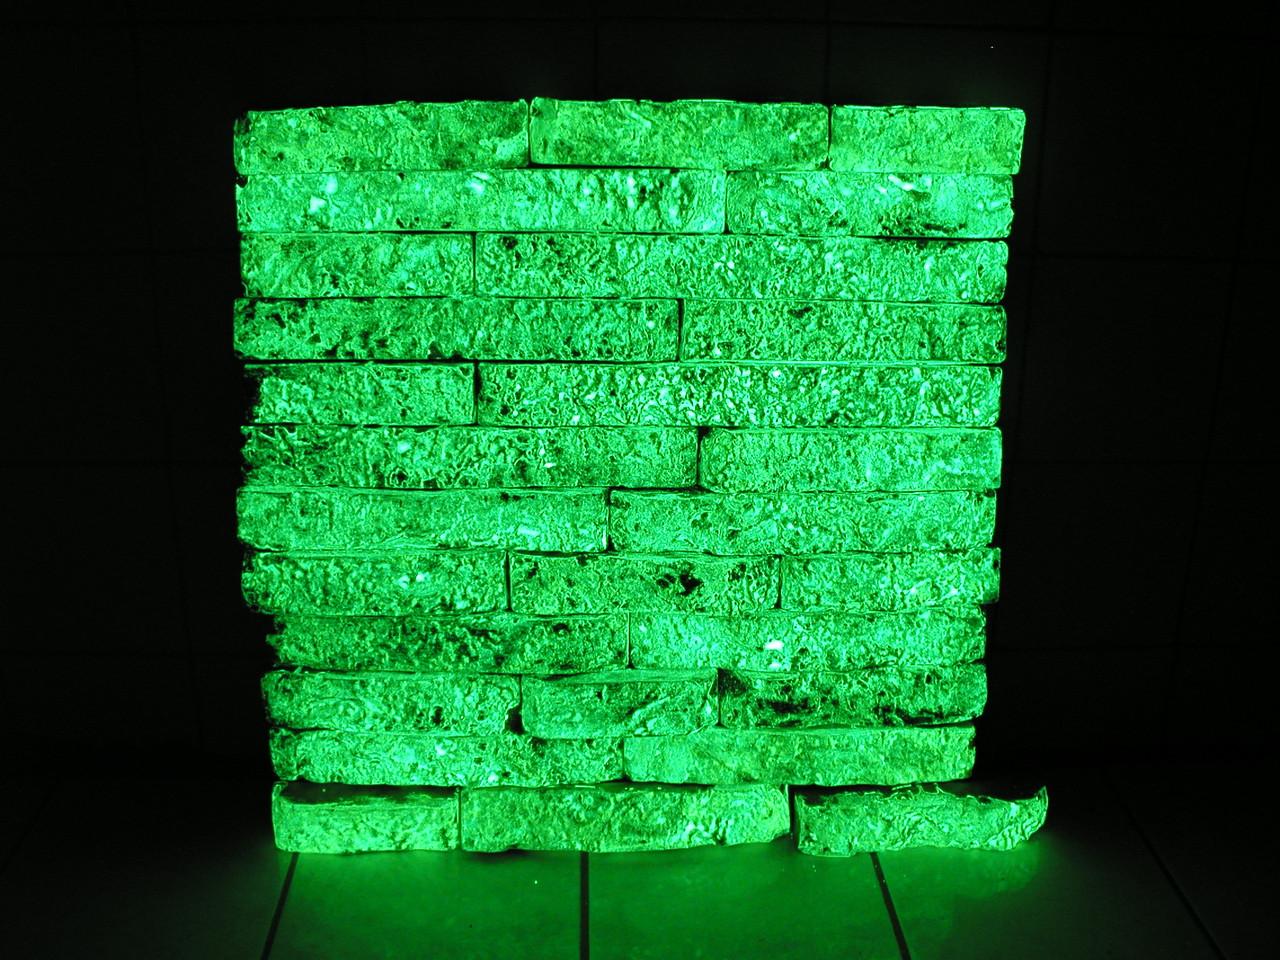 Люминесцентная (светящаяся) краска для наружных работ - ООО Noxton Tech в Харькове